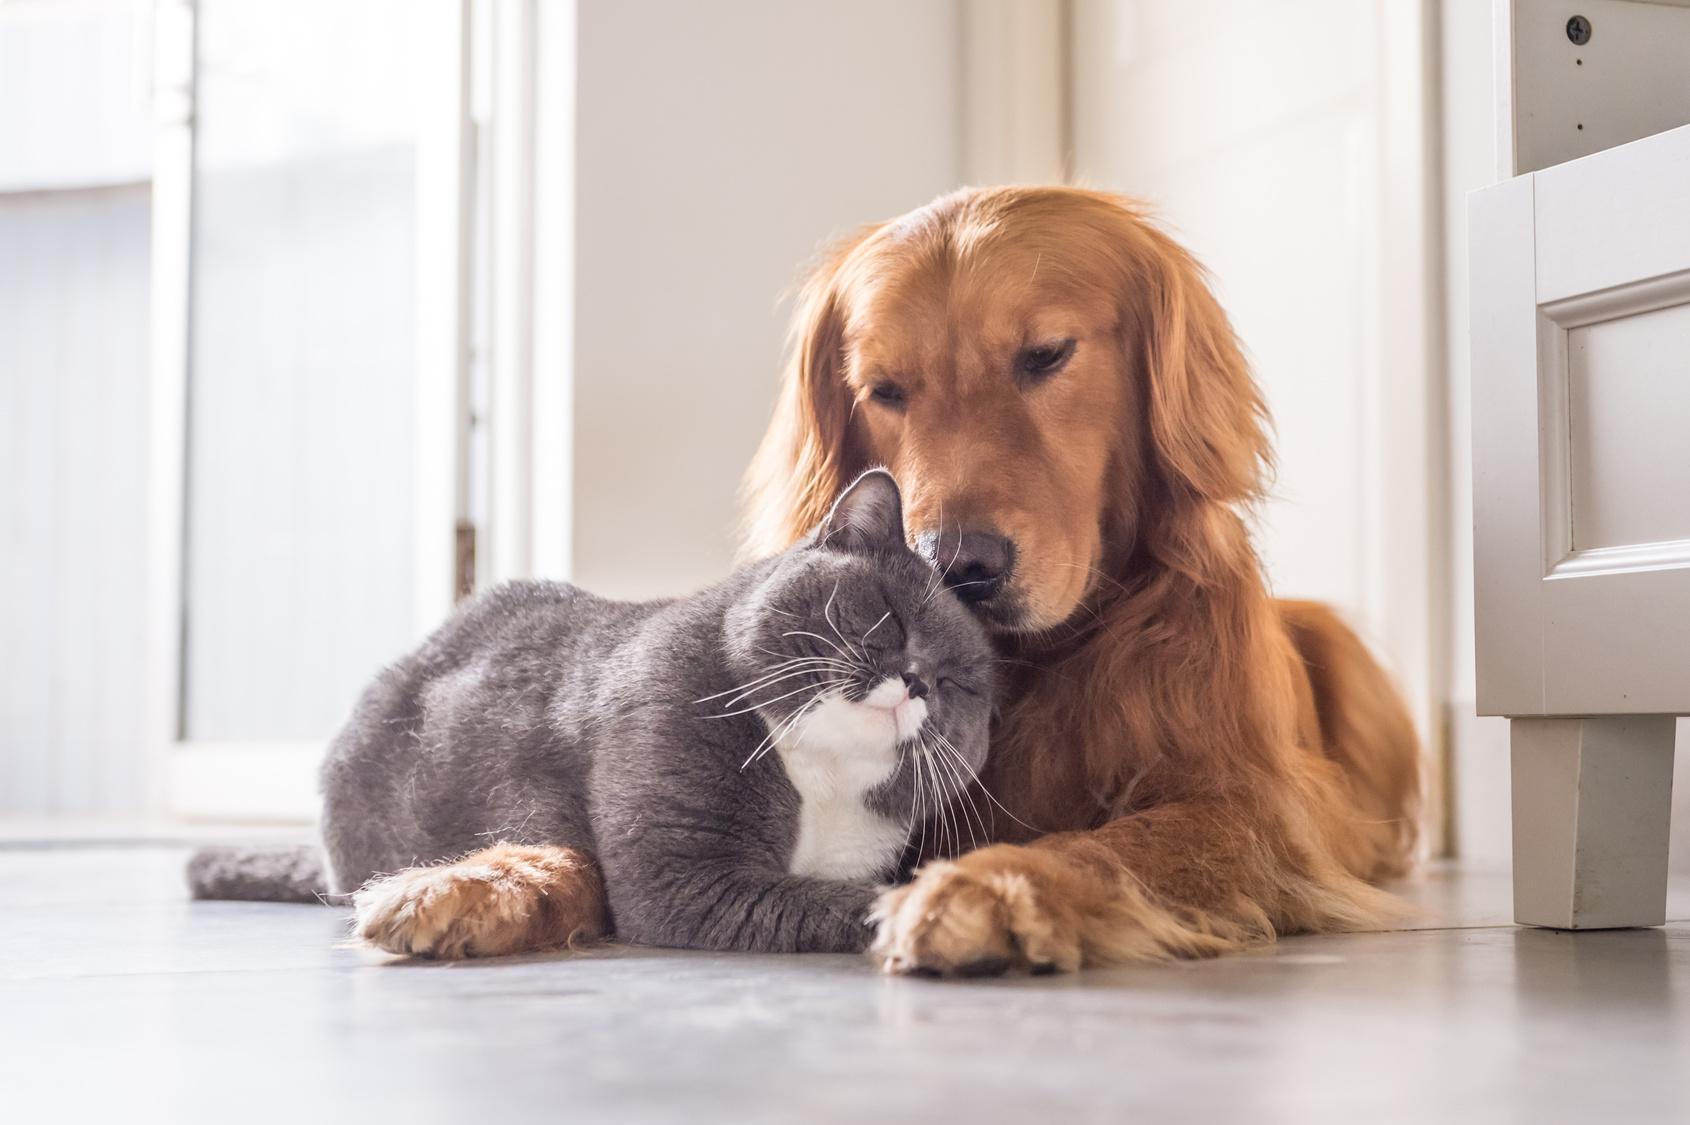 せっかくなら仲良くさせてあげたい!犬と猫を同時に飼うときのポイントと注意点